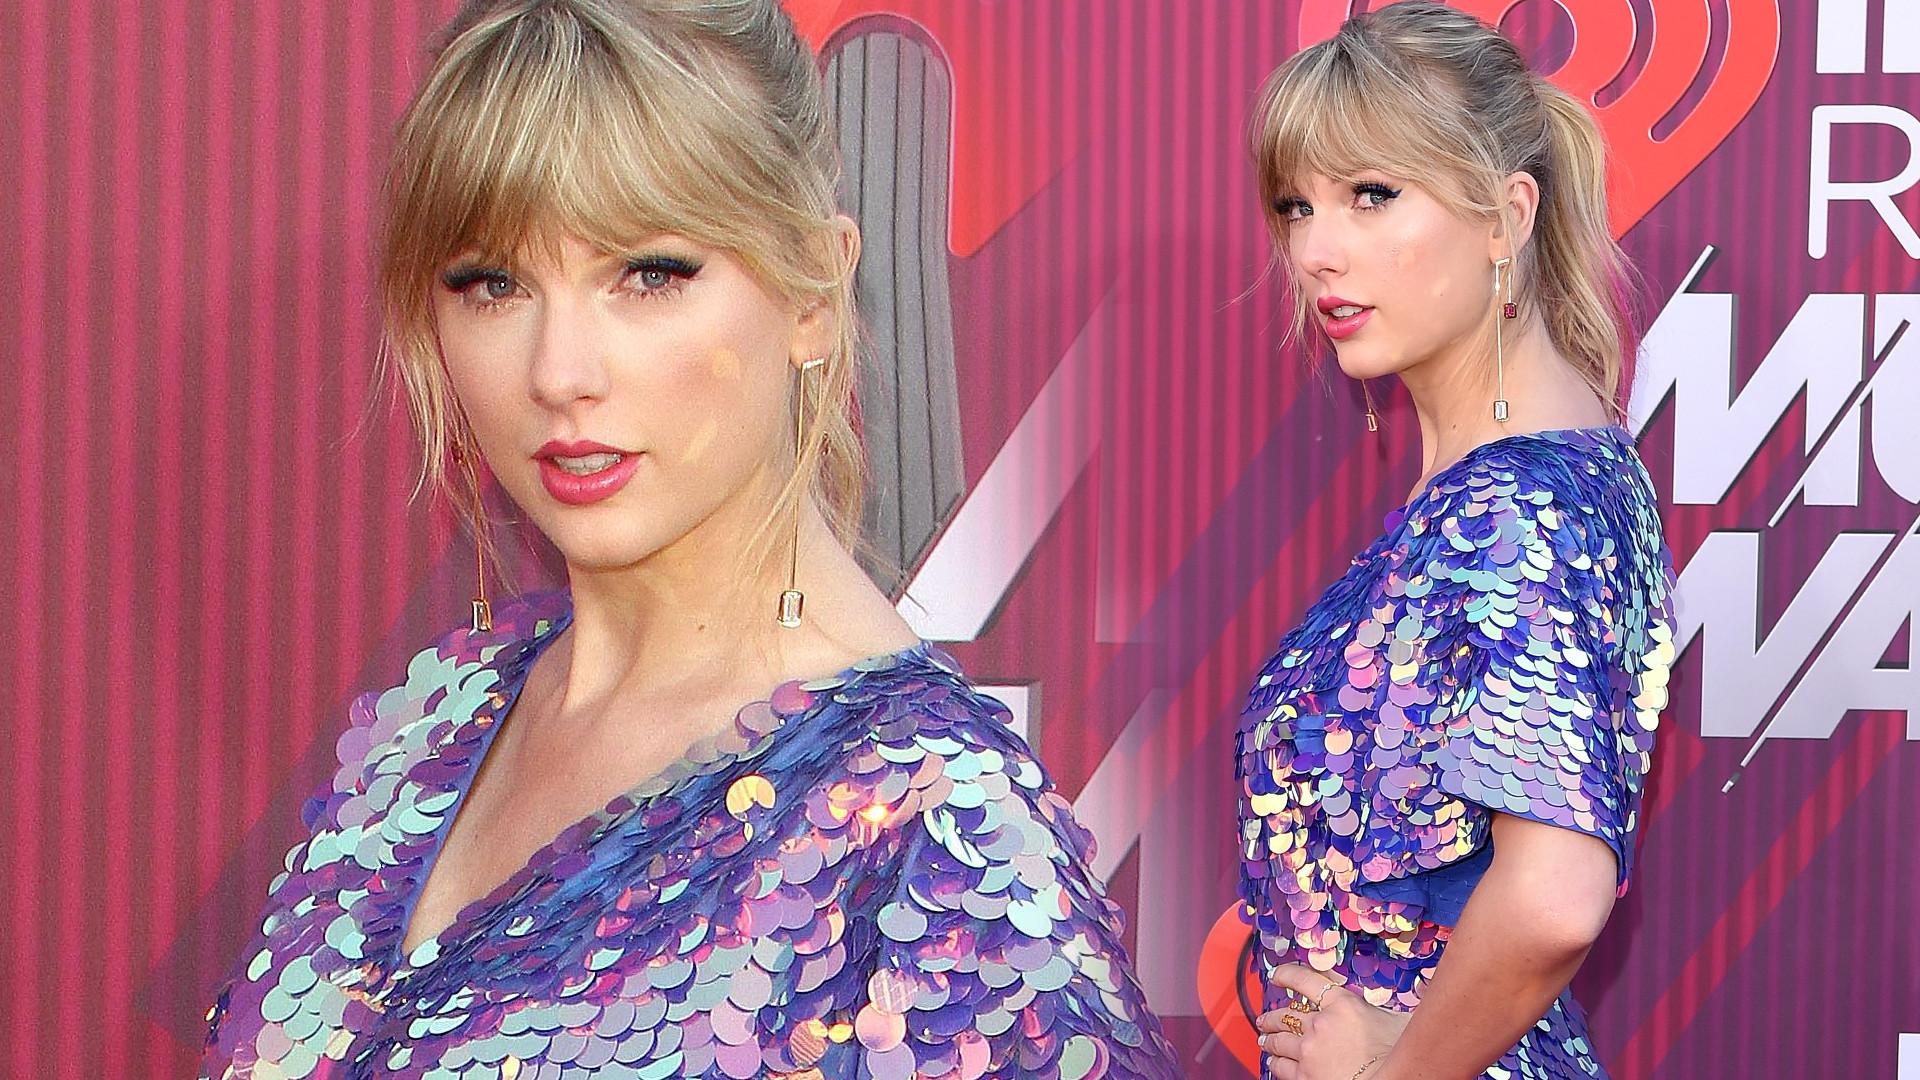 Buty Taylor Swift zrobiły FURORĘ na czerwonym dywanie (ZDJĘCIA)